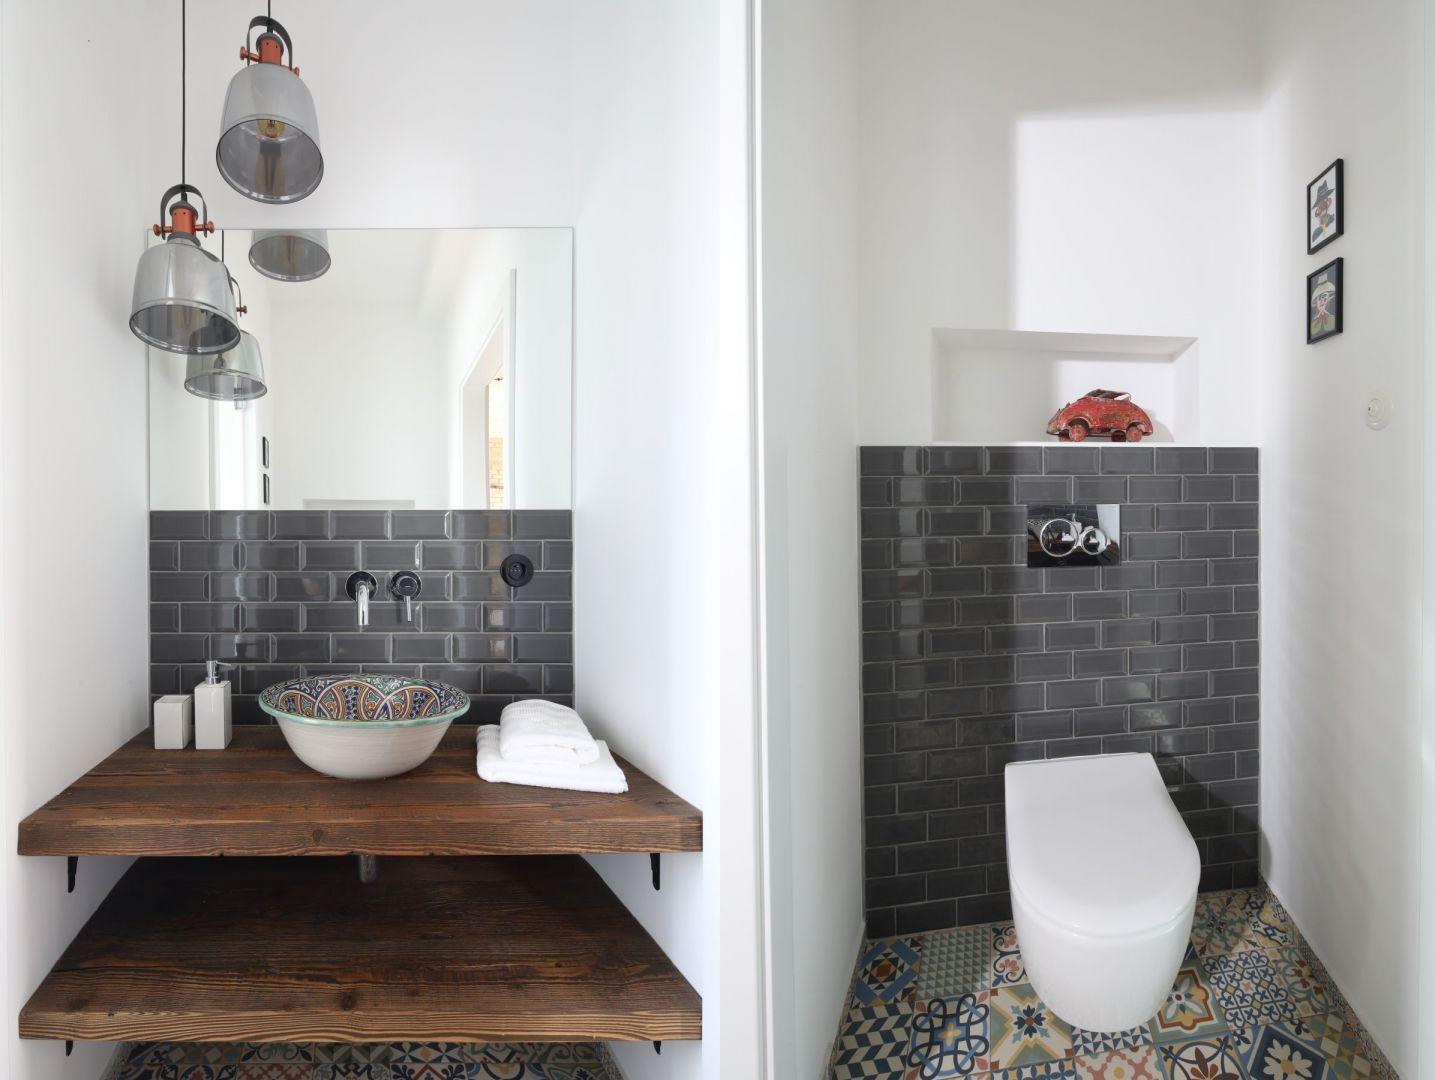 Toaleta dla gości. Proj. Maciejka Peszyńska-Drews. Fot. Bartosz Jarosz